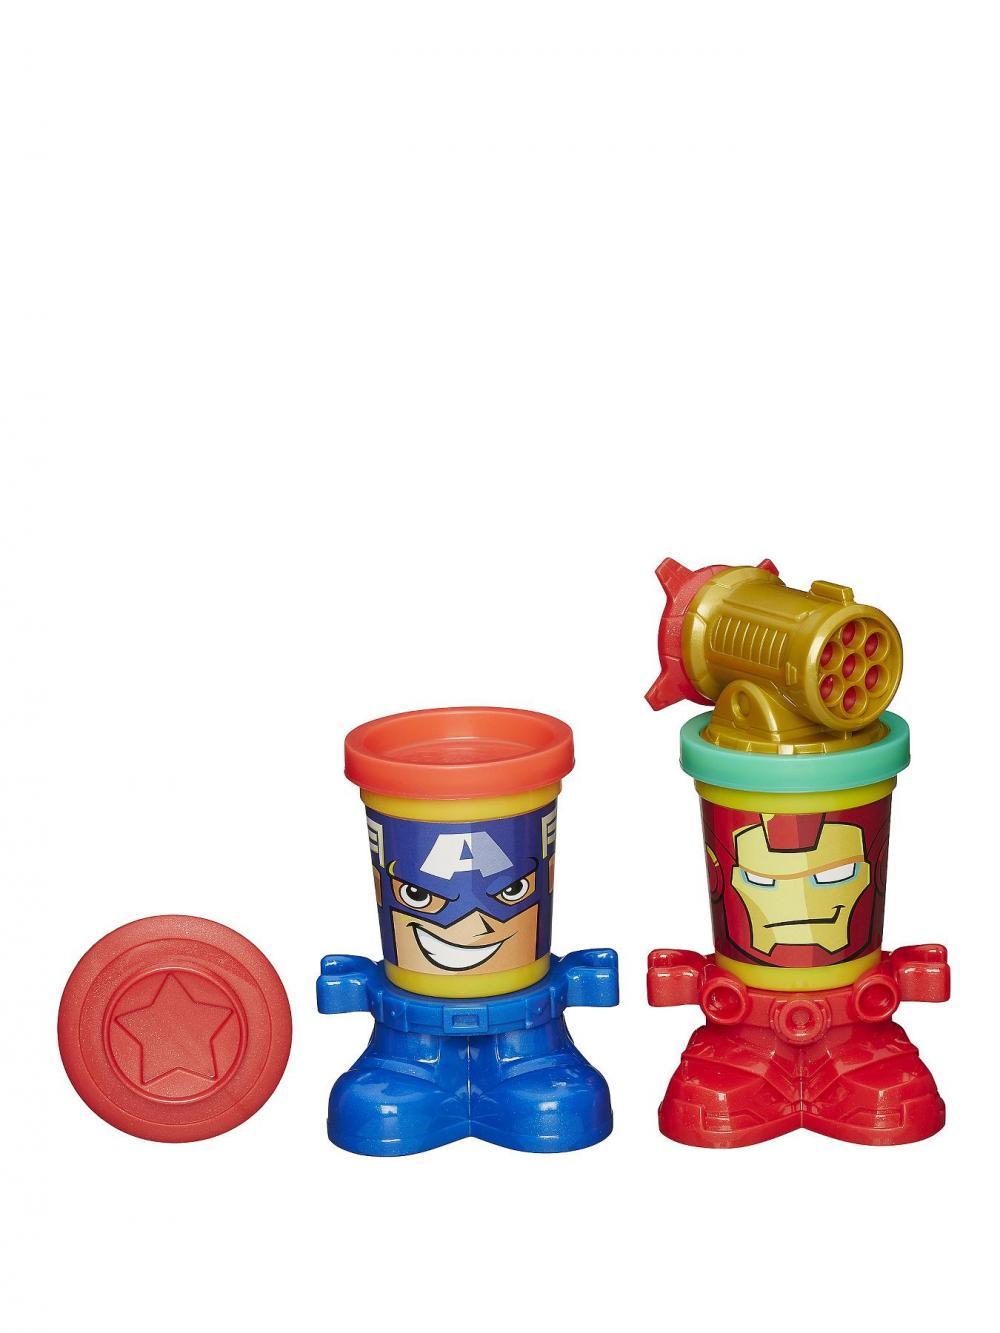 PlayDoh-Set creatie,eroi Marvel,2cutii plastilina